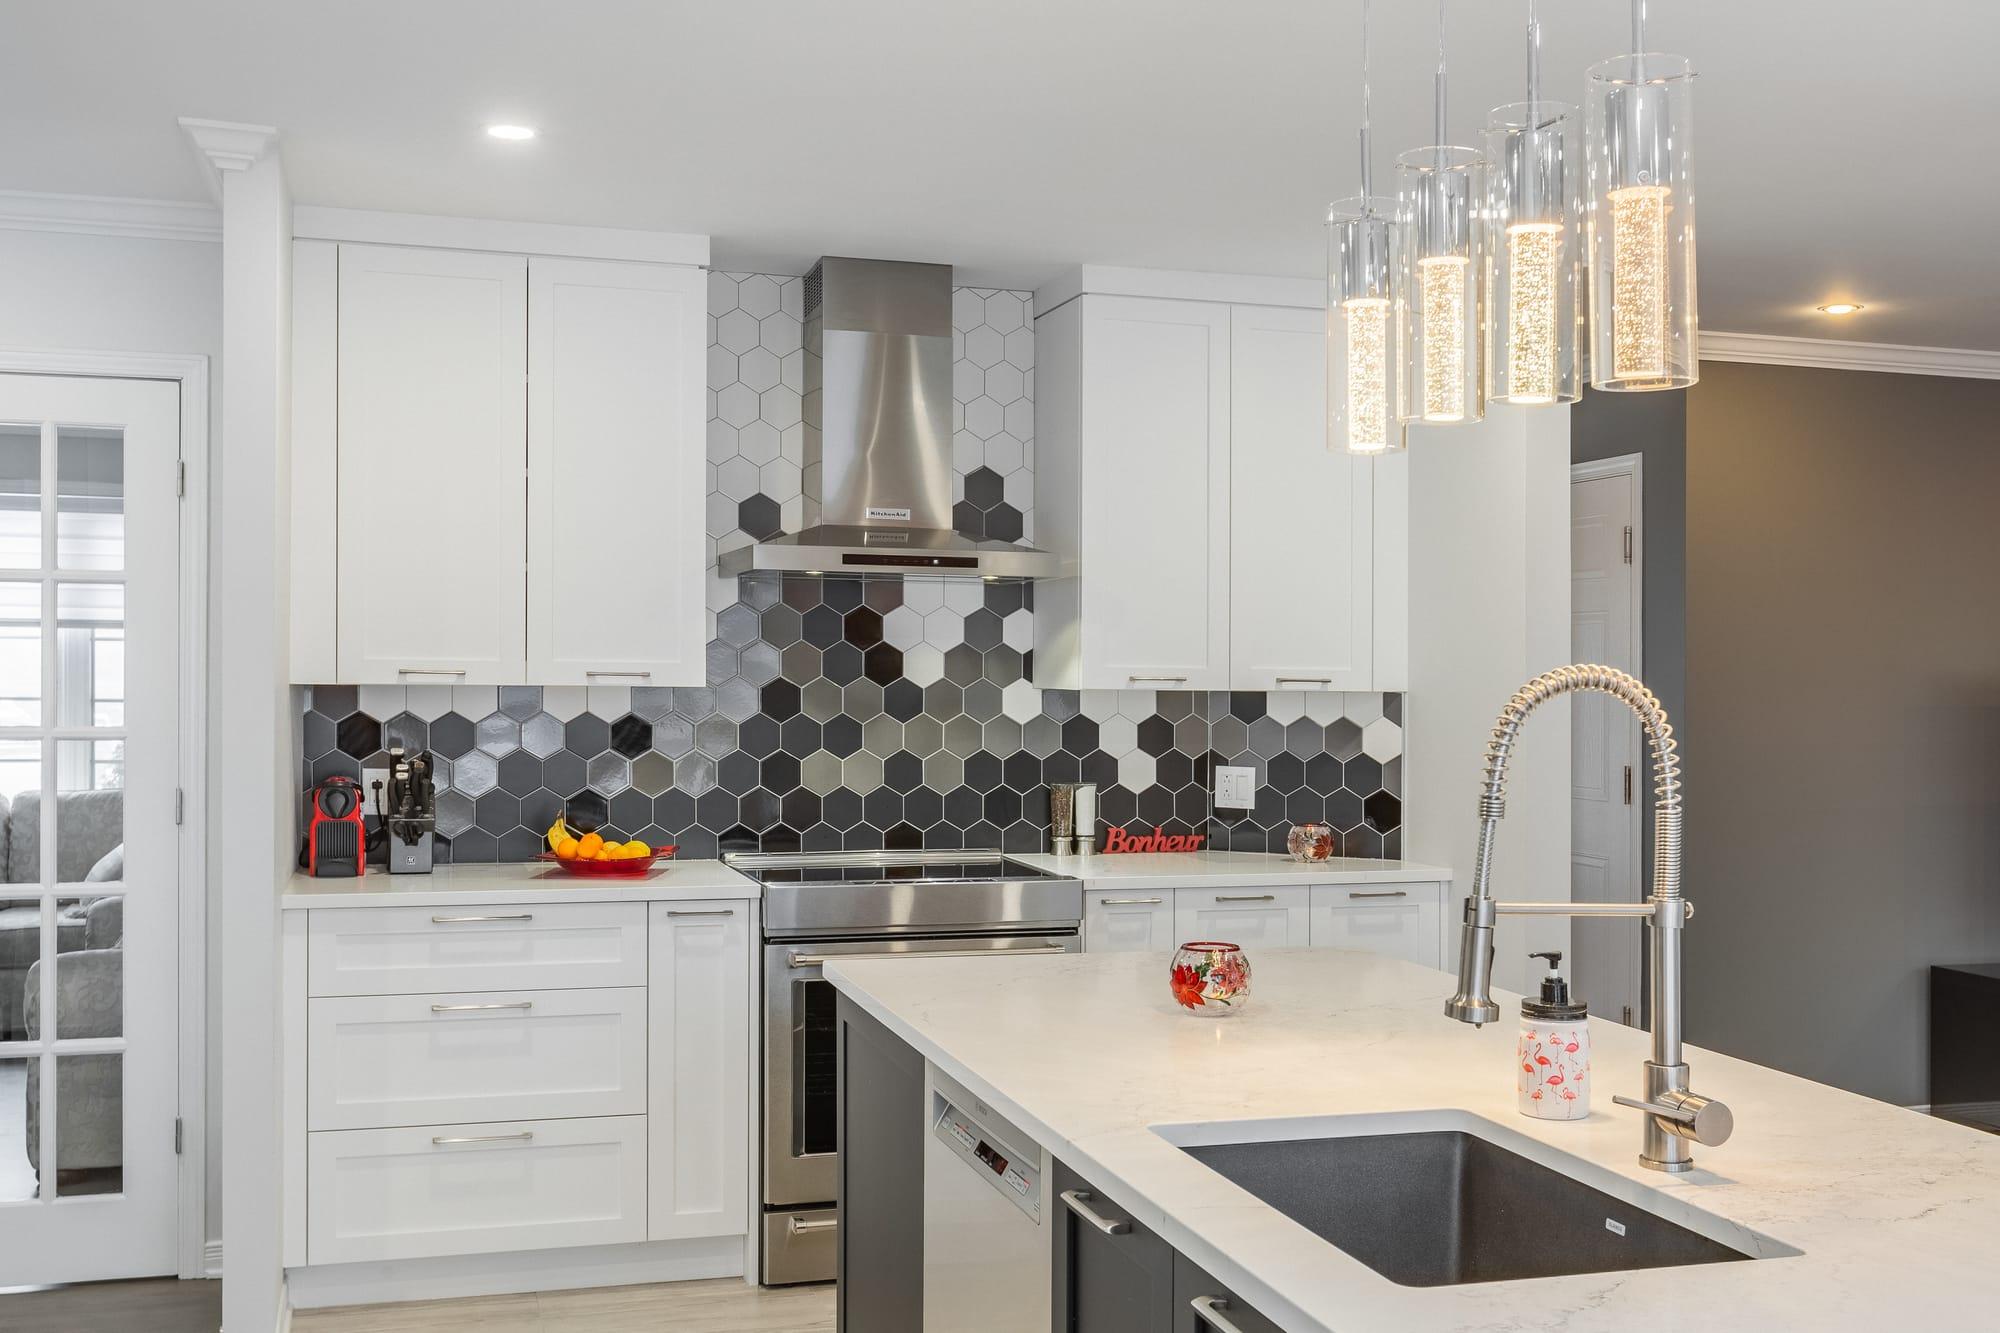 cuisine moderne avec armoires de style shaker blanches et îlot foncé